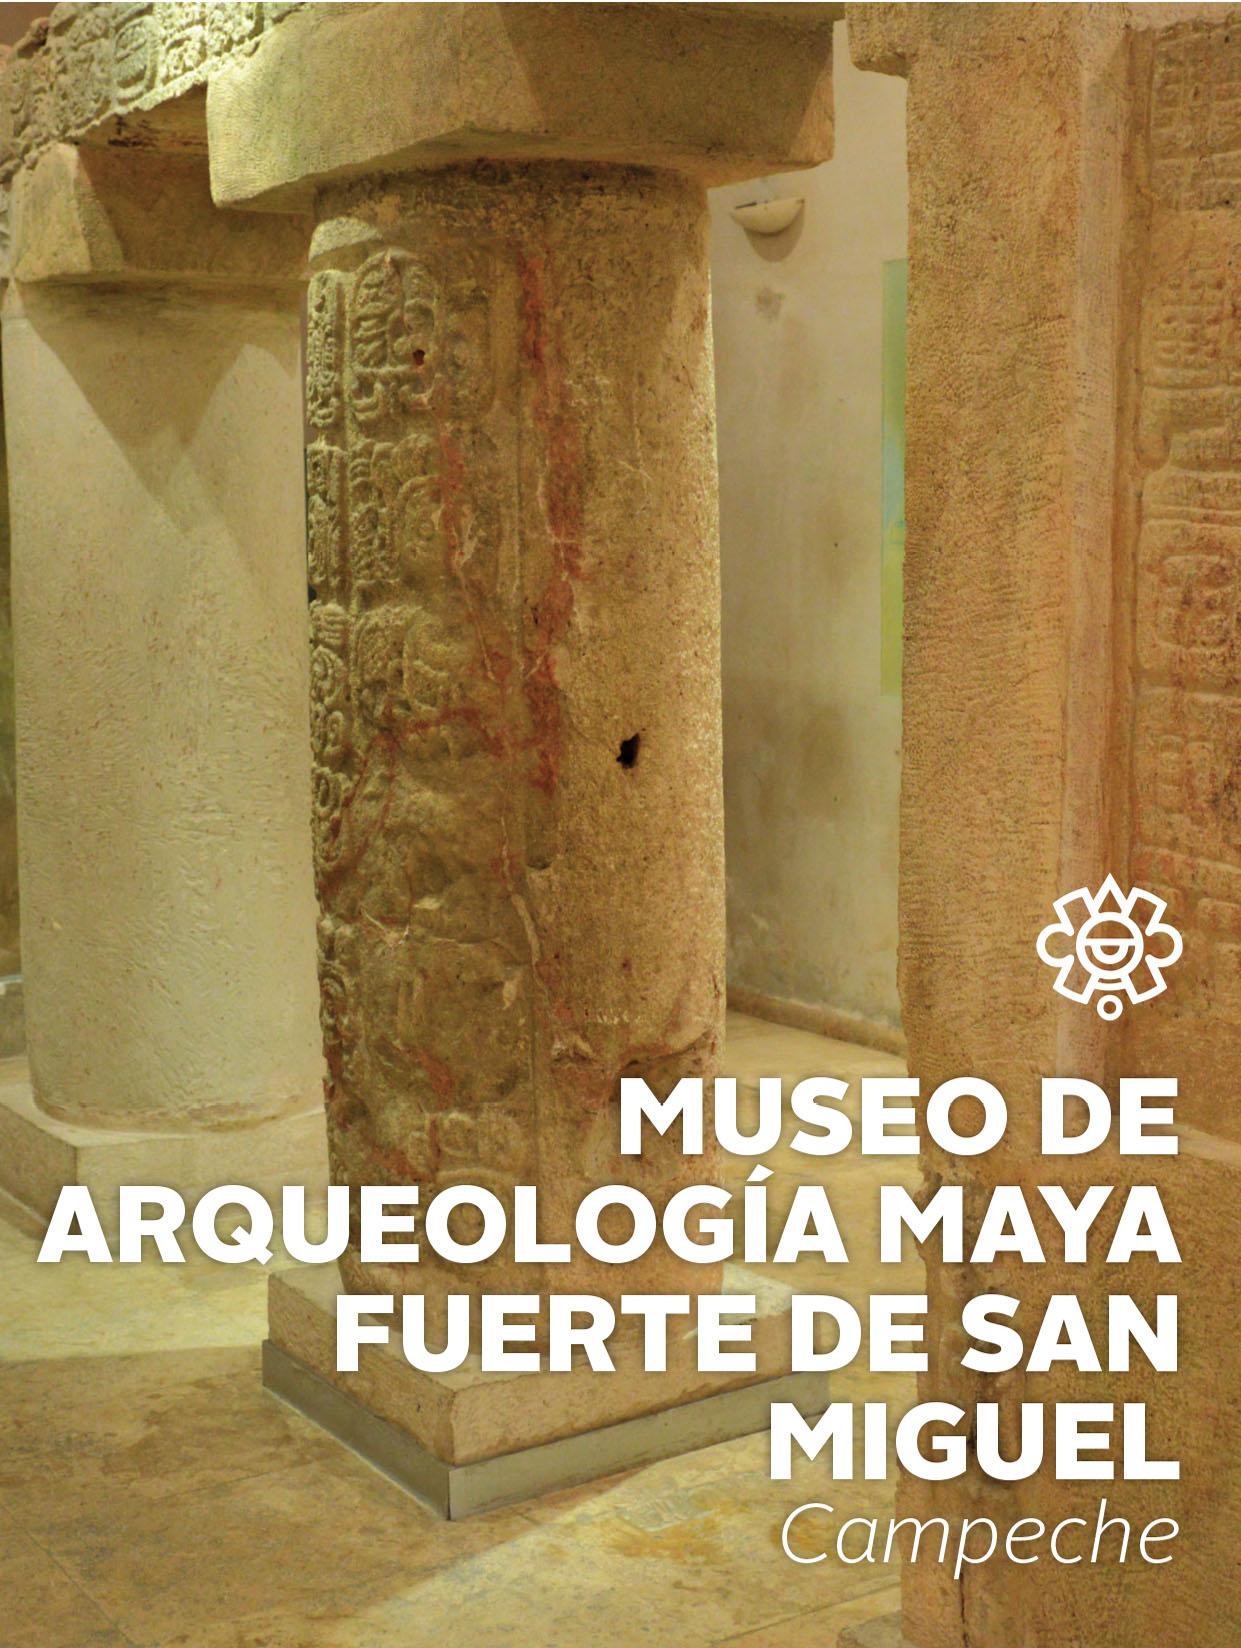 Museo de Arqueología Maya Fuerte de San Miguel